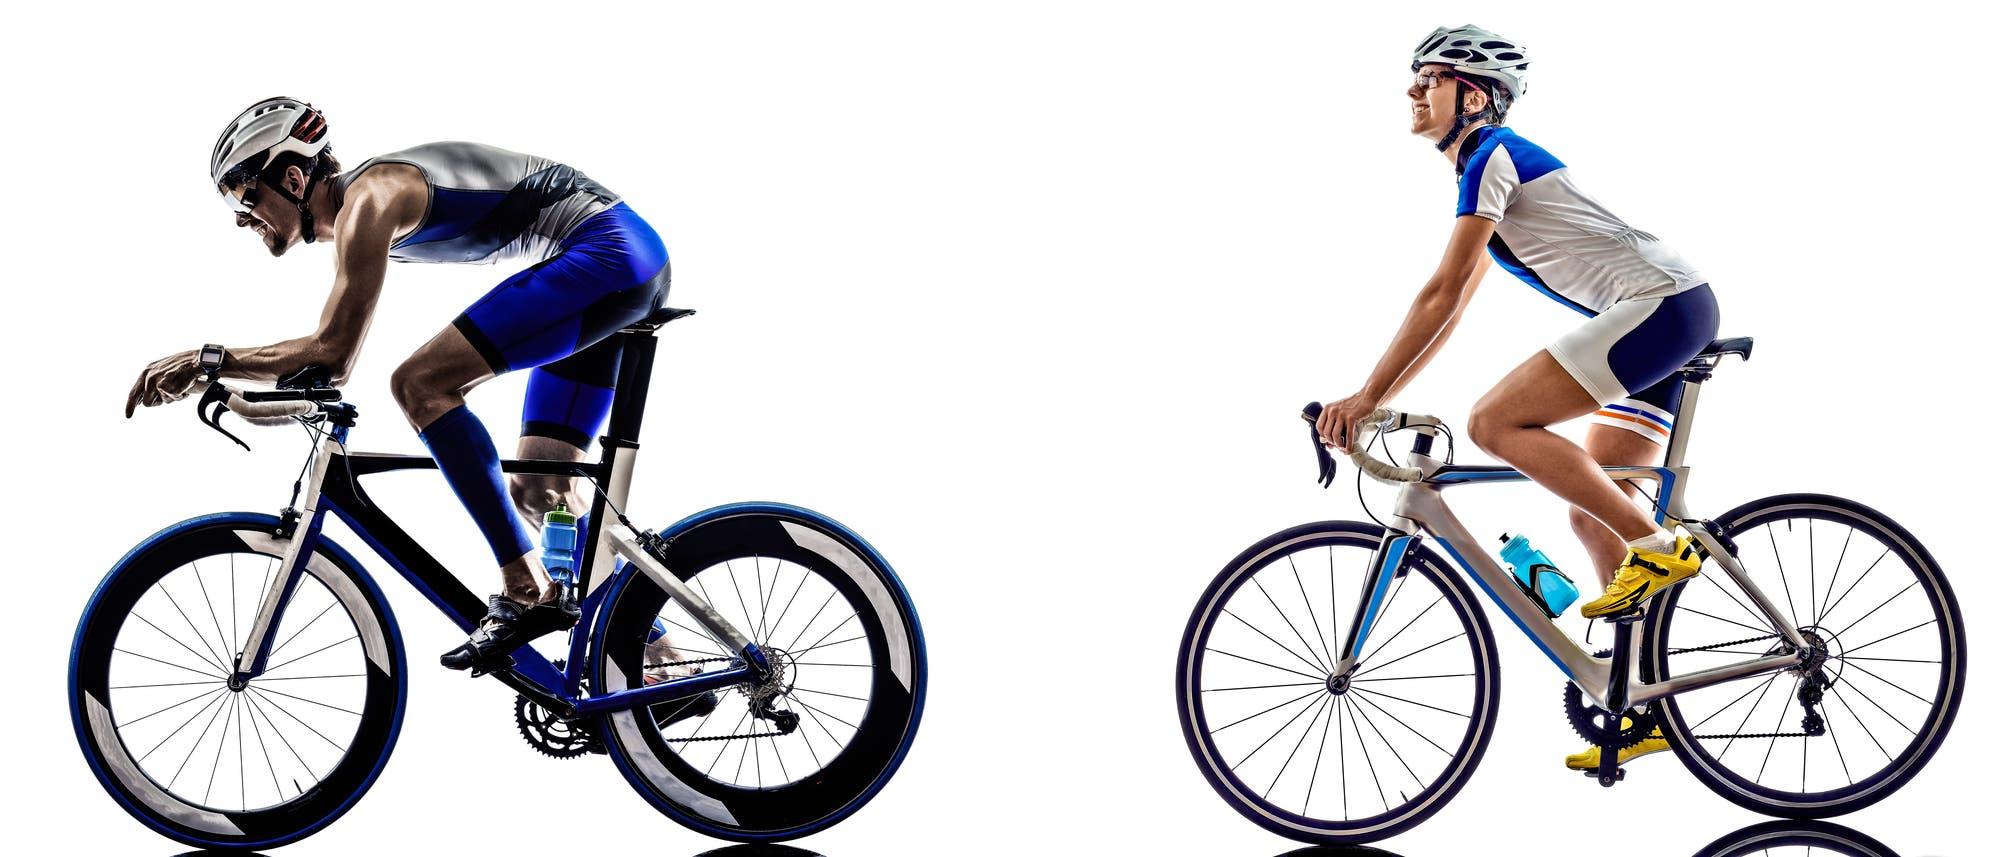 Wer sich in Rennfahrerhaltung auf sein Rad legt (links), bietet der Luft weniger frontale Angriffsfläche und wird zudem besser von ihr umströmt als jemand, der aufrecht im Sattel sitzt (rechts). Die aerodynamischen Vorteile gehen allerdings auf Kosten der Bequemlichkeit.